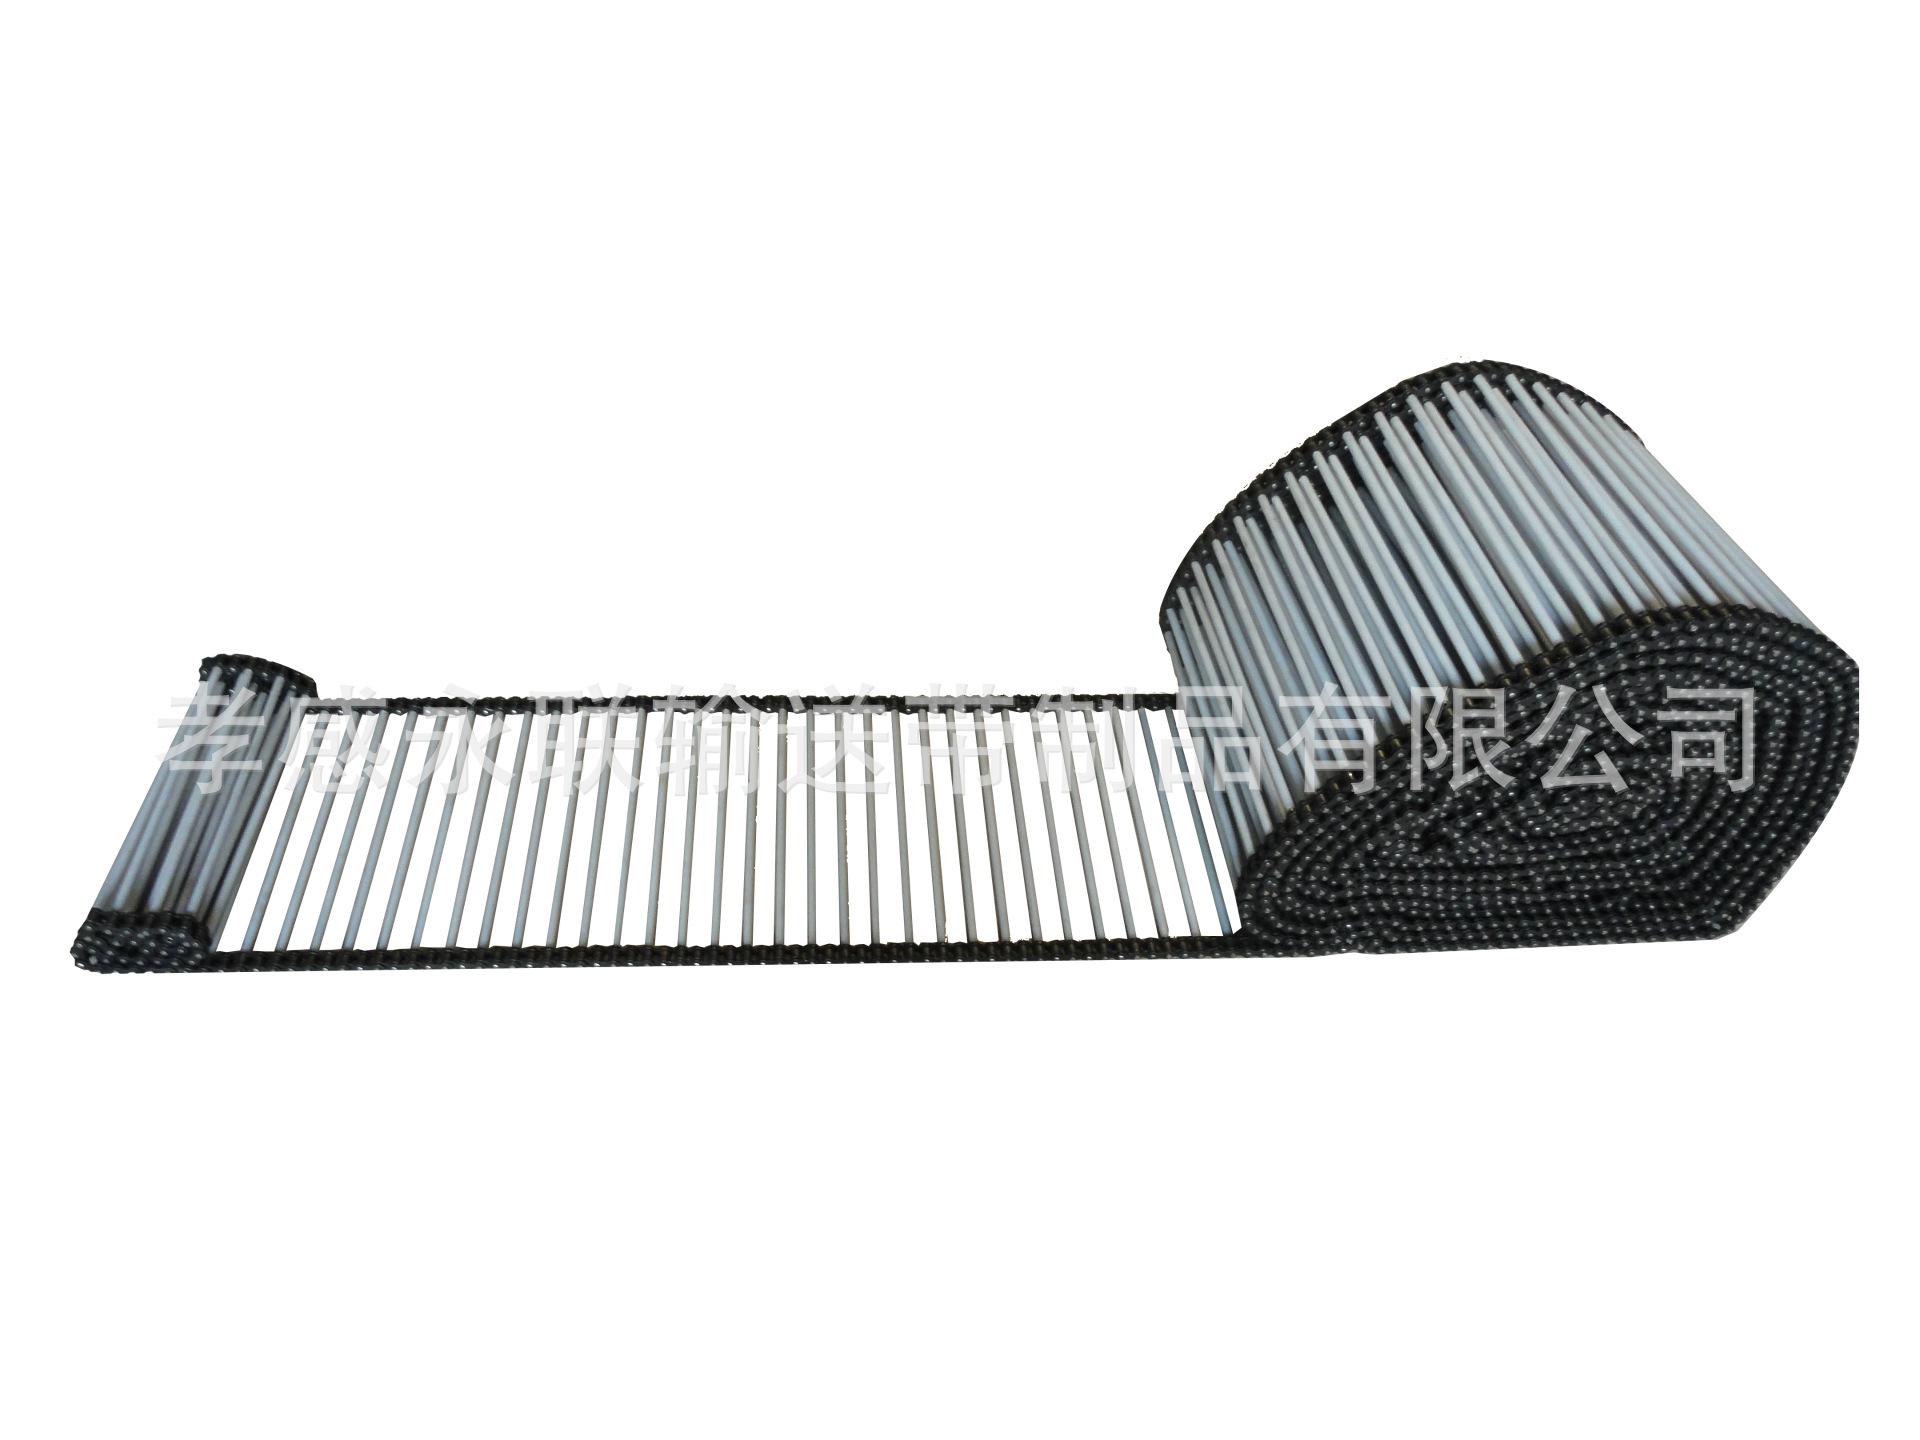 2--超强耐腐蚀免清洗串杆输送带   430x6x8xP15